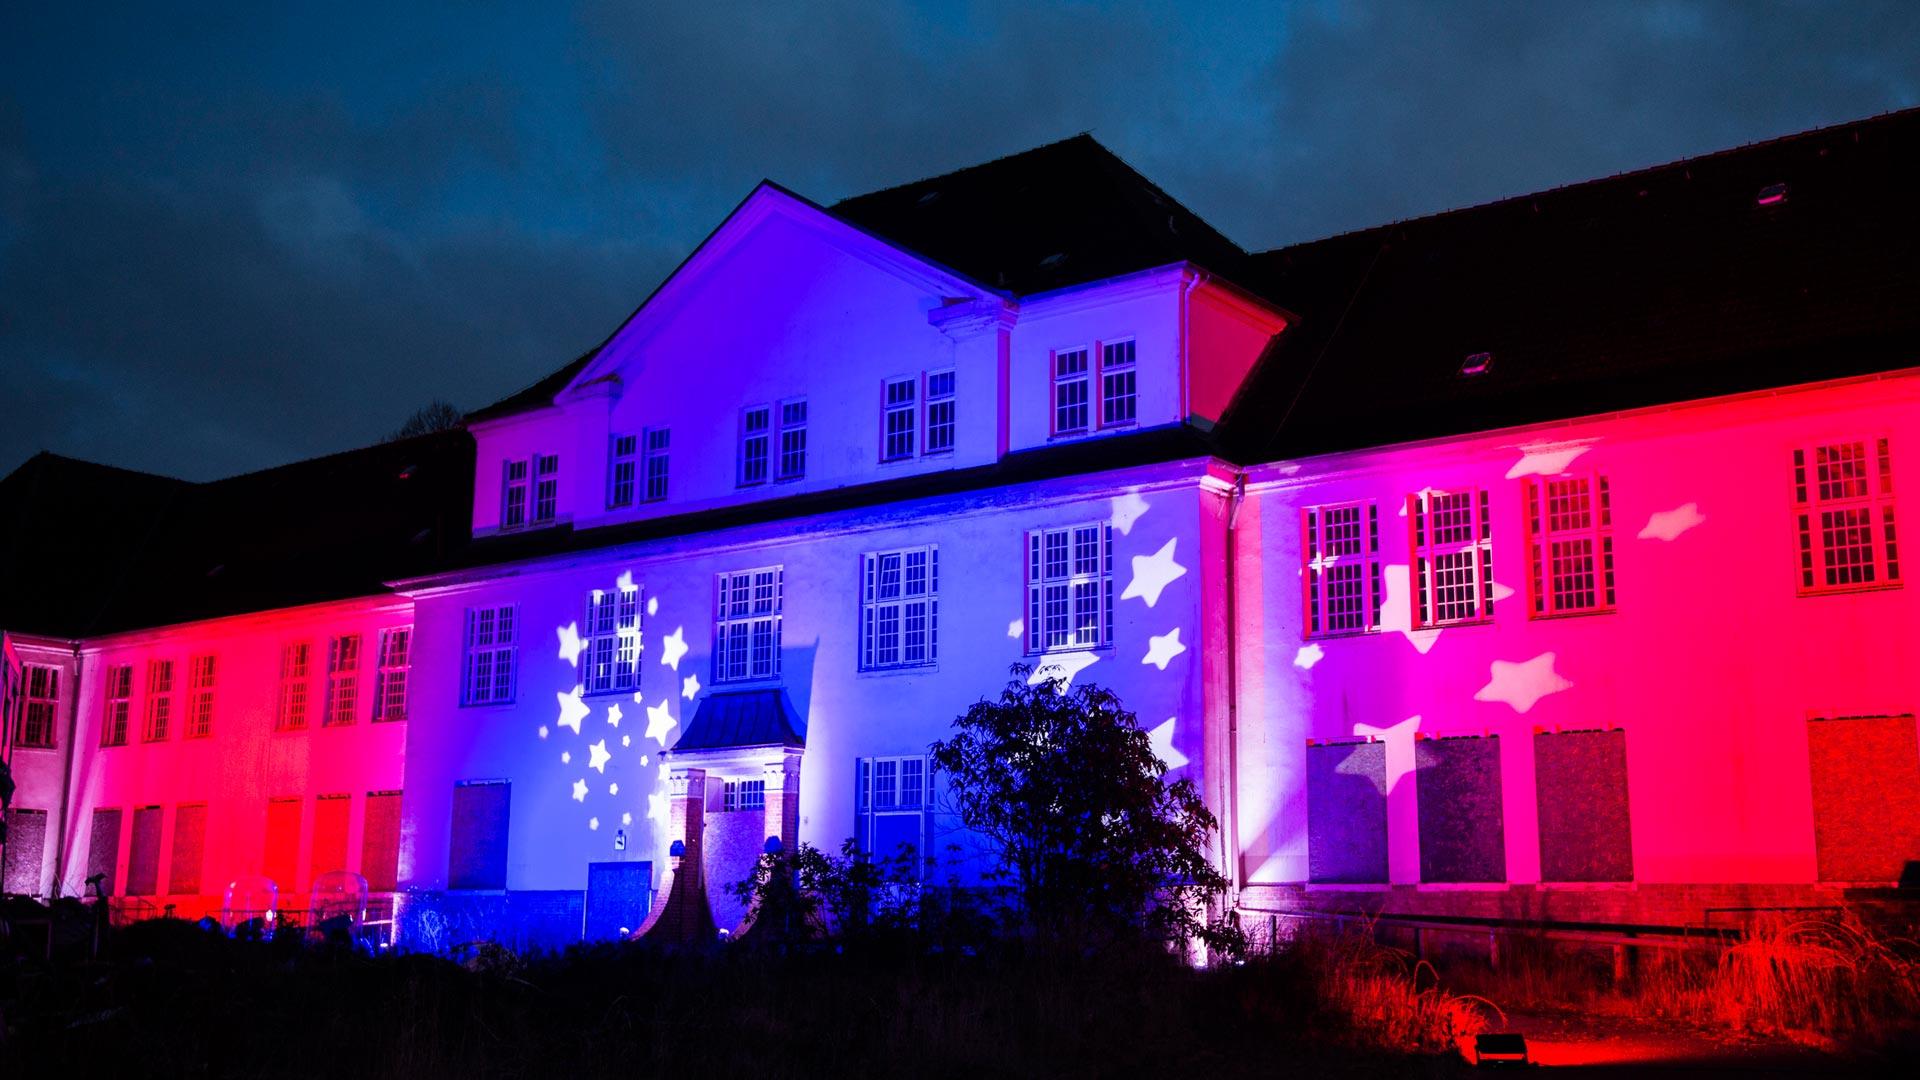 MAASS-Lichtplanung_Lichtevent im Park UNTER DEN LINDEN HAMBURG__MAASS-Lichtzauber-001